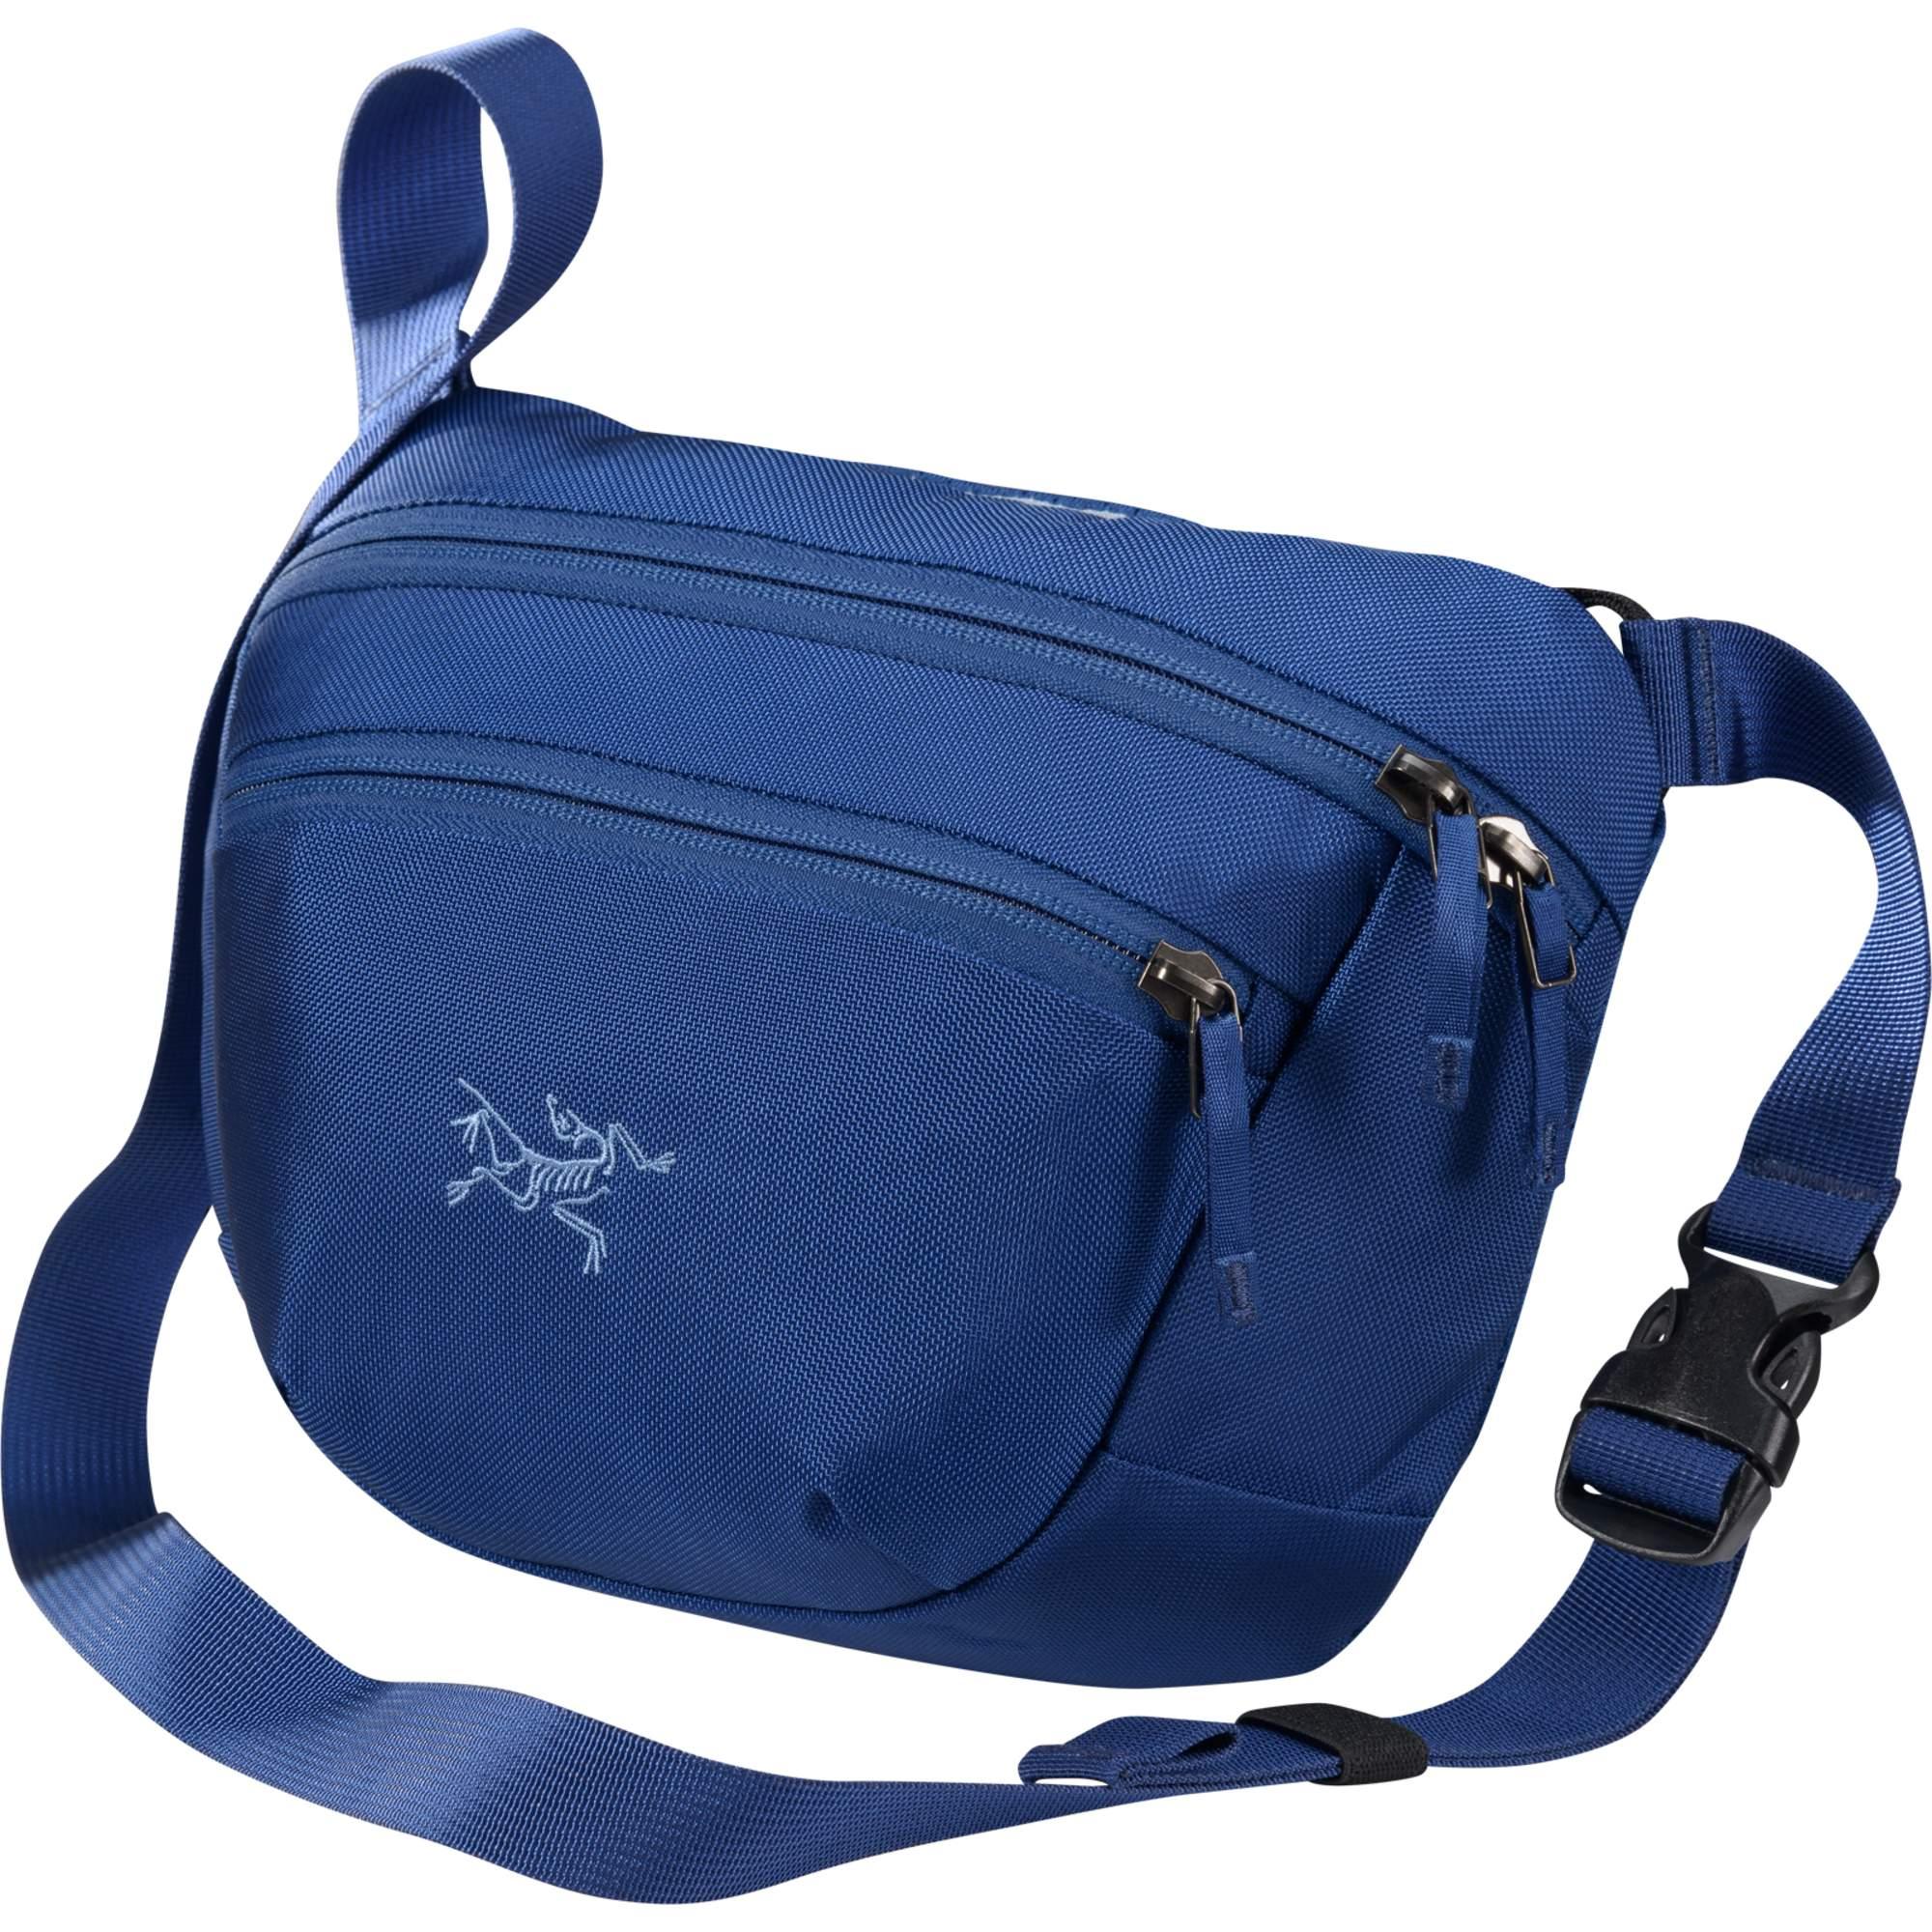 Arc'teryx Maka 2 Waistpack - Umhängetasche - blau / olympus blue